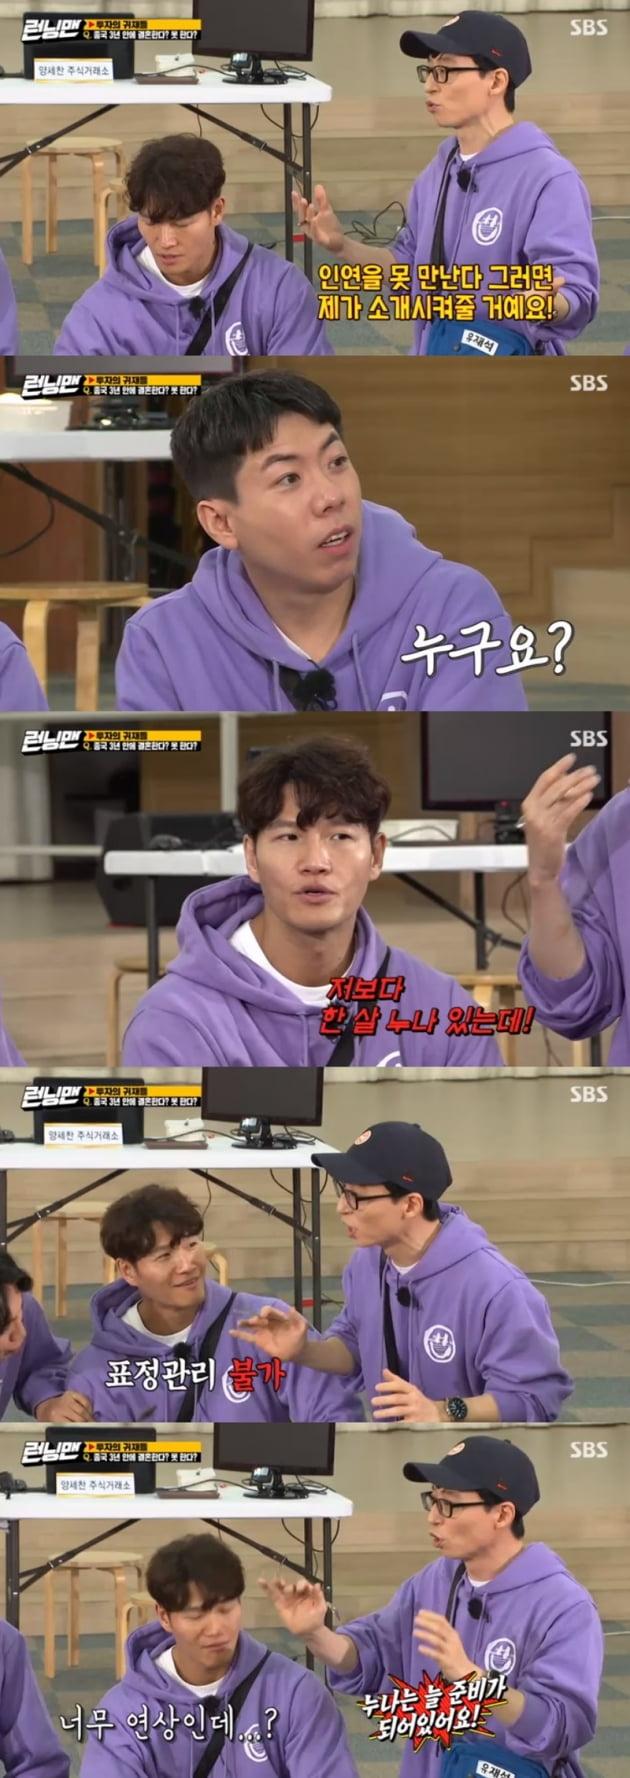 '런닝맨' / 사진 = SBS 영상 캡처